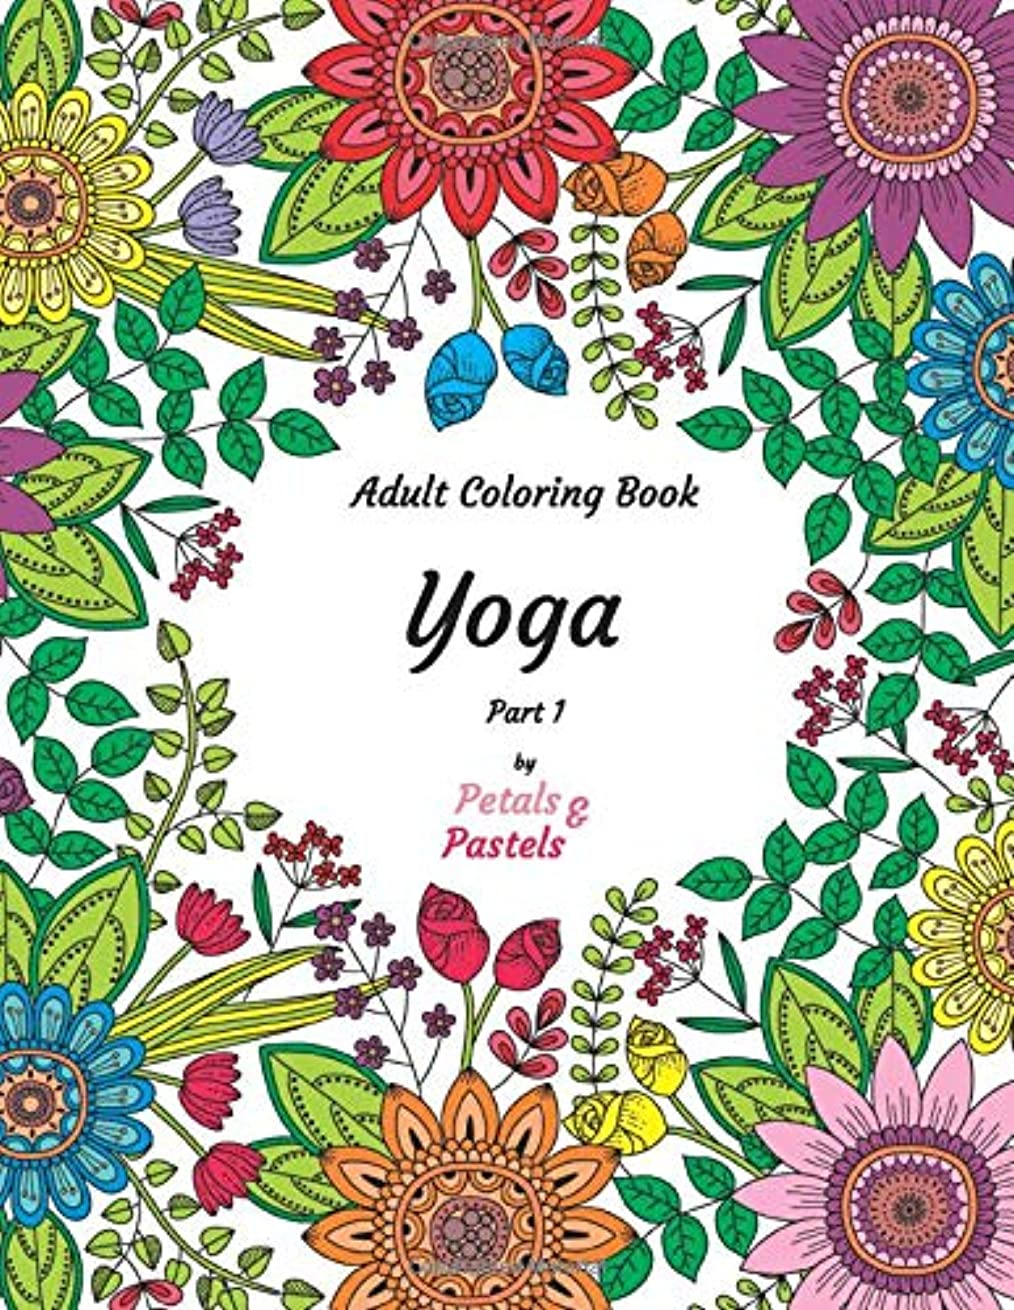 アジアルート駅Yoga - Adult Coloring Book - Part 1